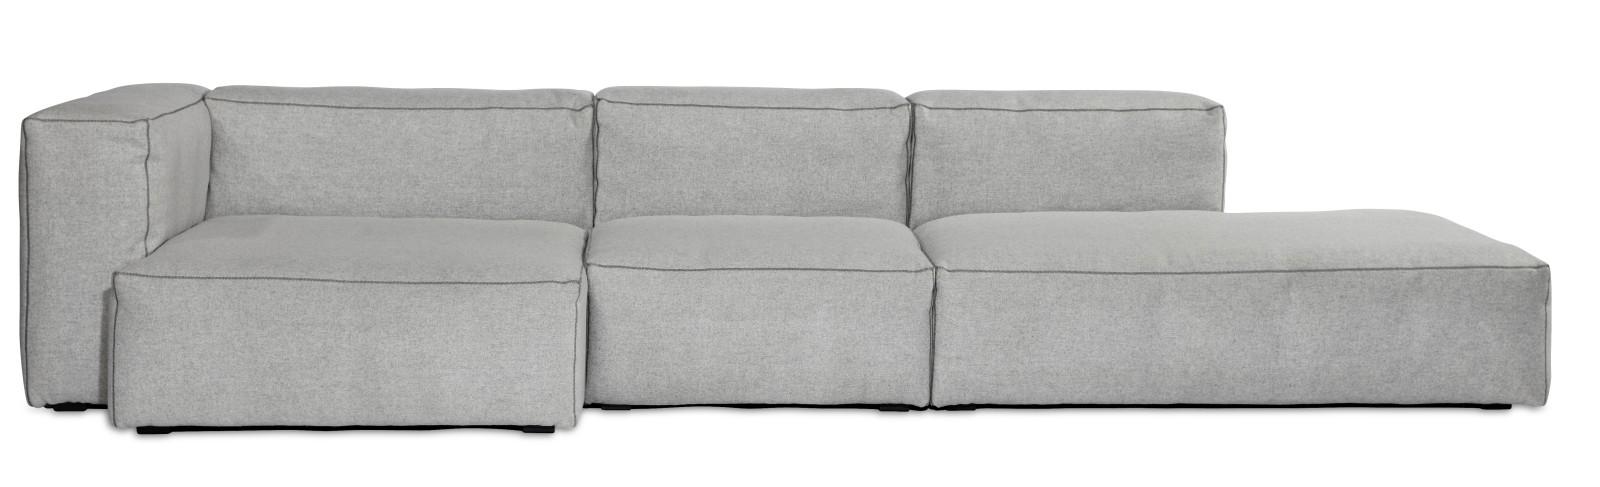 Mags Soft Modular Seating Element S1962 - Left Divina Melange 2 120